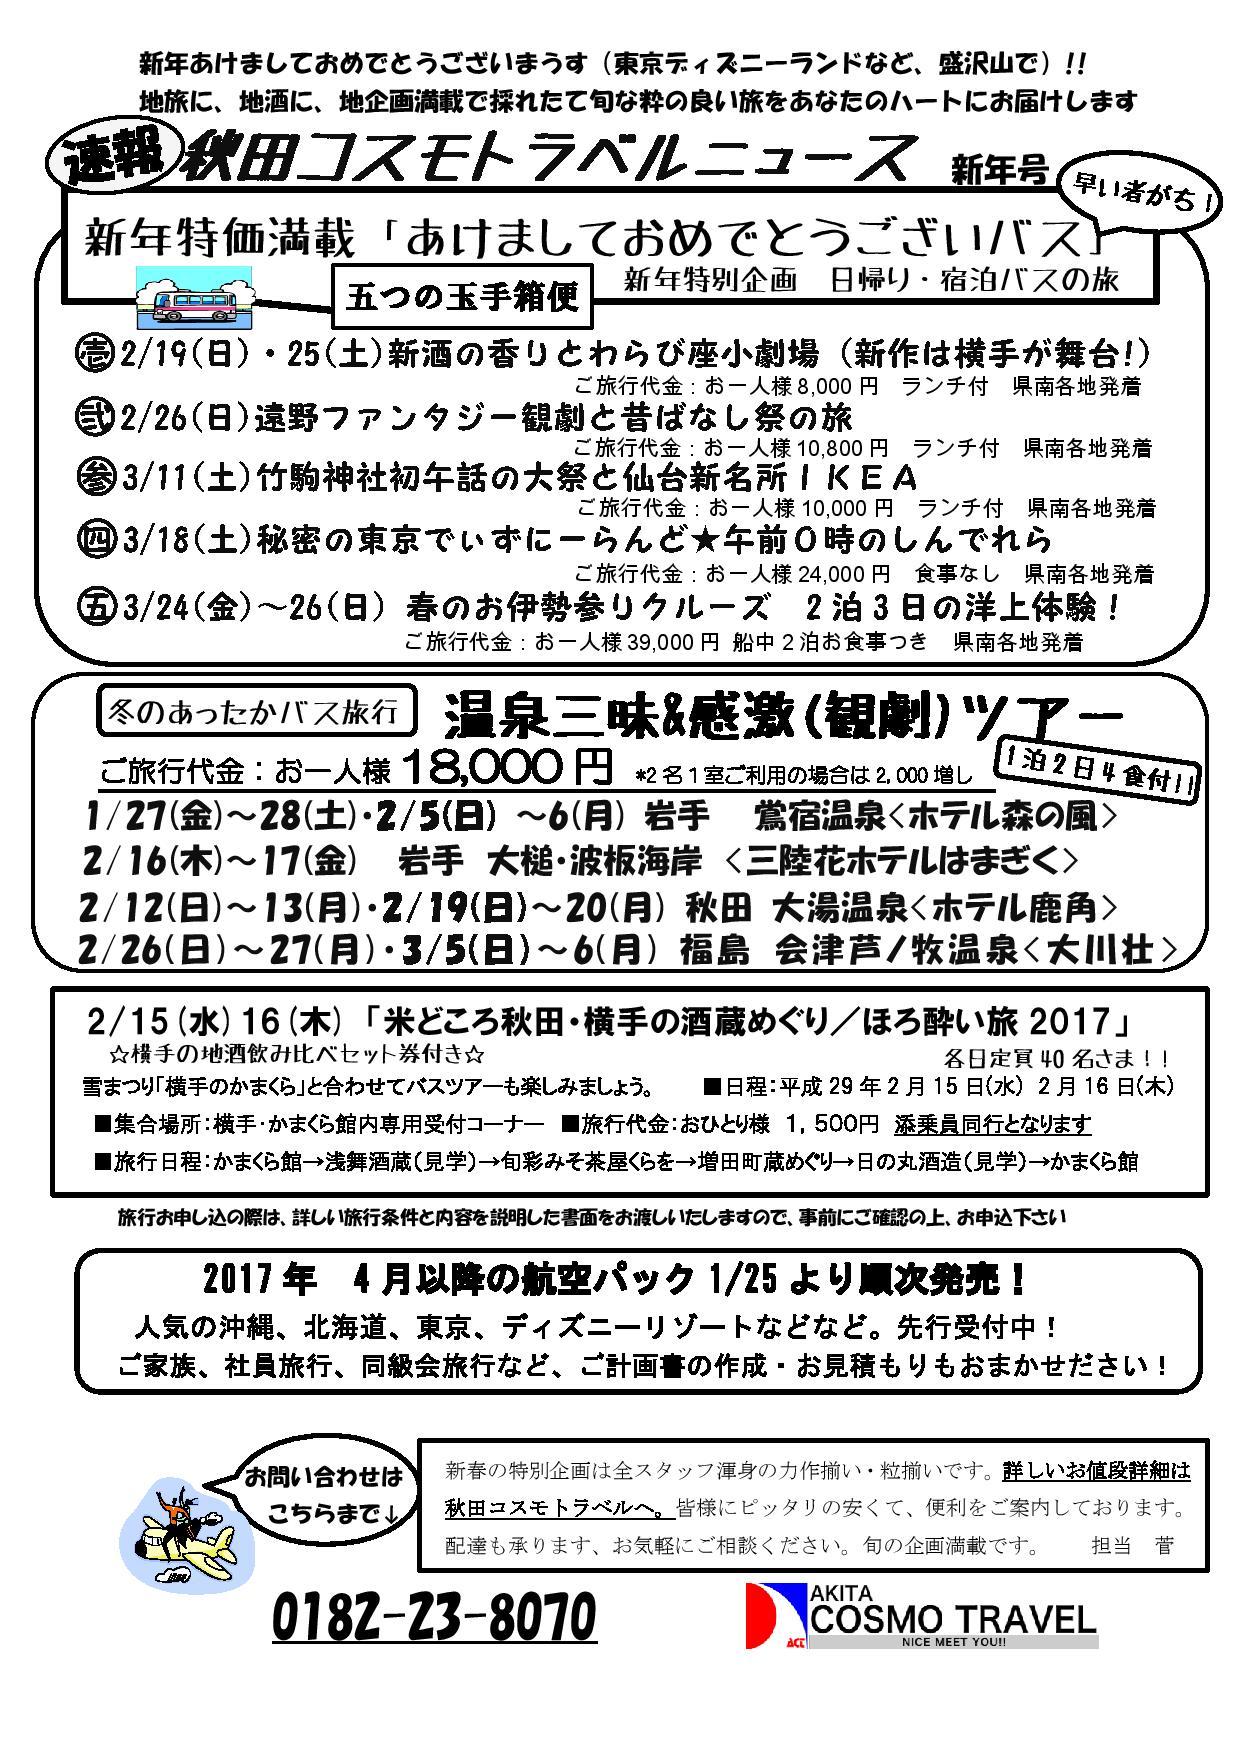 ☆ コスモトラベルニュースのイメージ